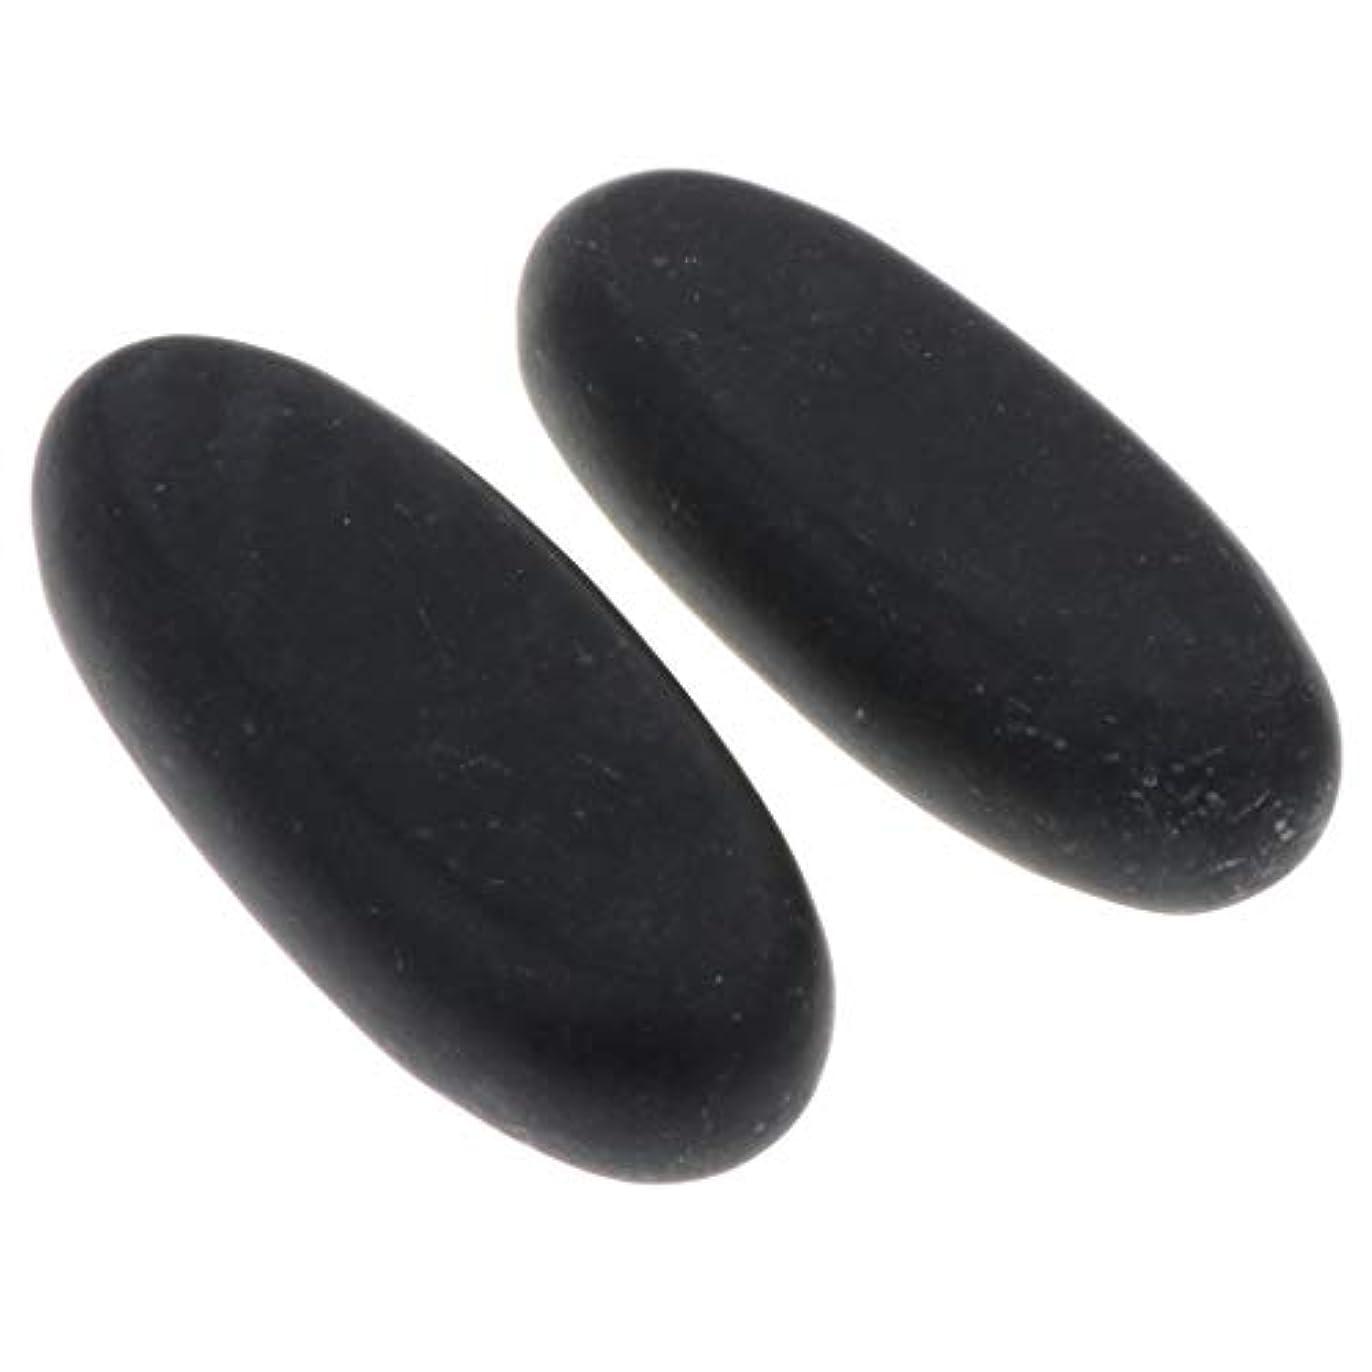 ファンシー一見噛む天然石ホットストーン マッサージ用玄武岩 マッサージストーン ボディマッサージ 実用 2個 全2サイズ - 8×3.2×1.5cm